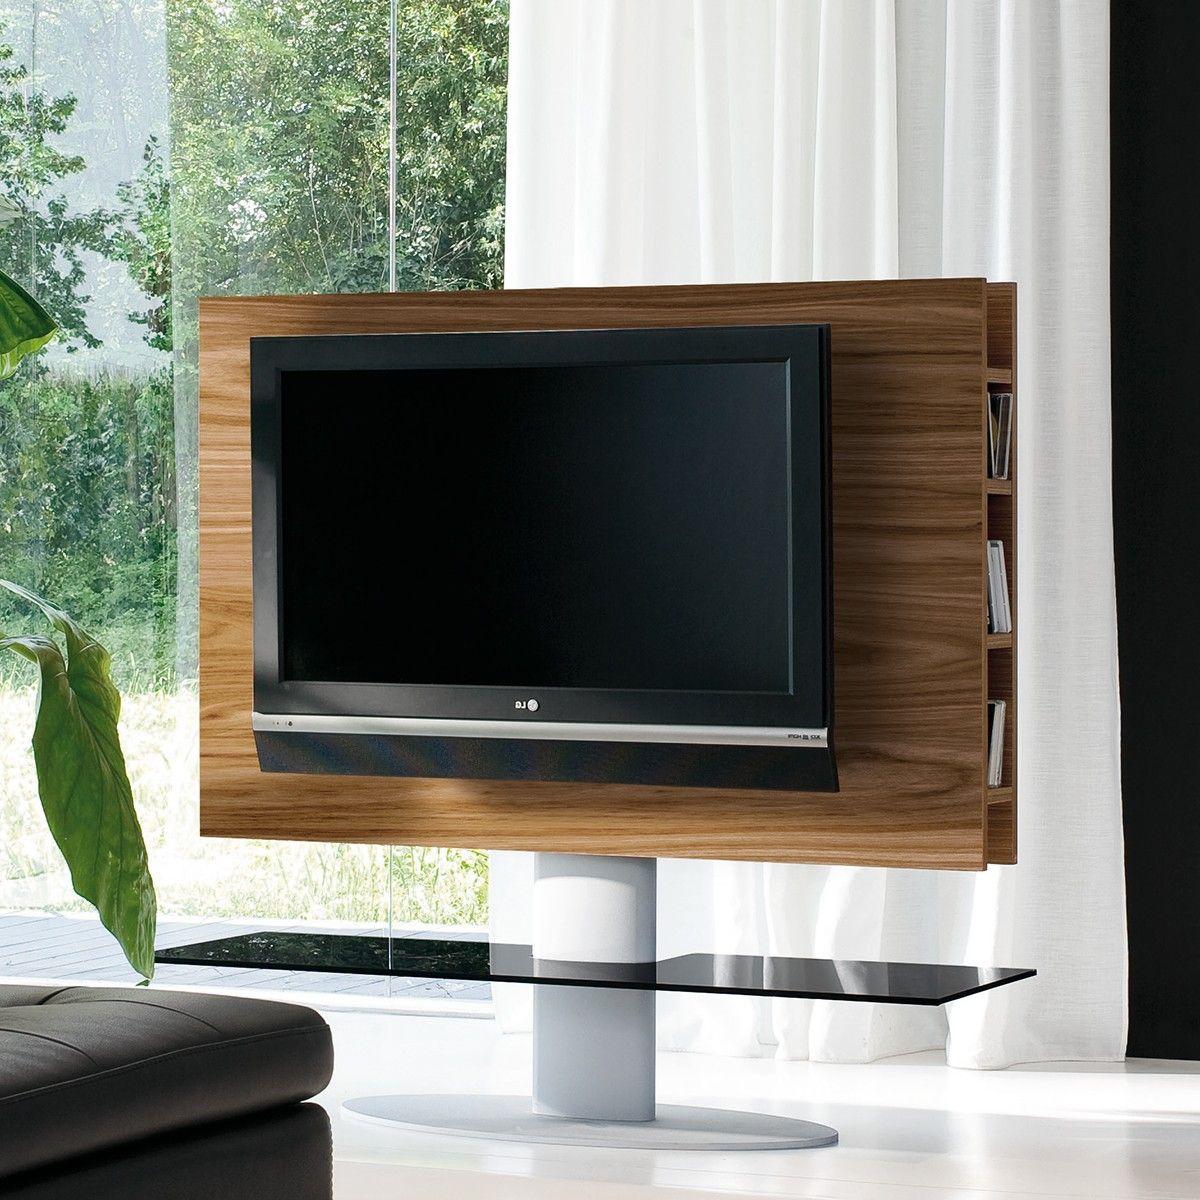 Tv Mobel Freistehend 5 Deutsche Dekor 2020 Wohnkultur Online Kaufen Tv Mobel Freistehend Tv Mobel Mit Ruckwand Tv Mobel